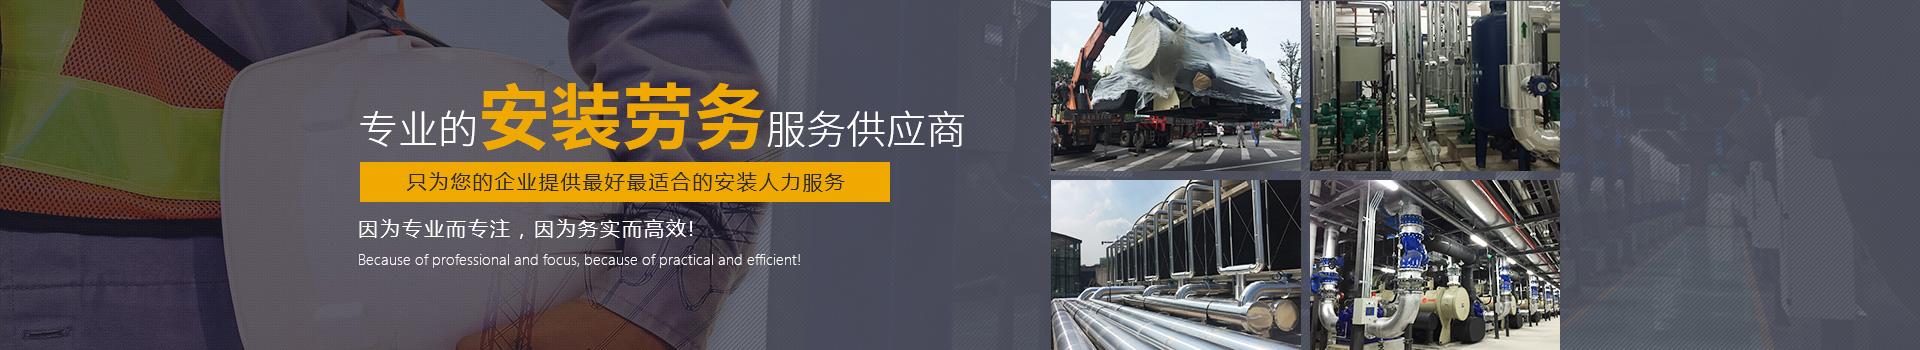 重庆建筑劳务分包